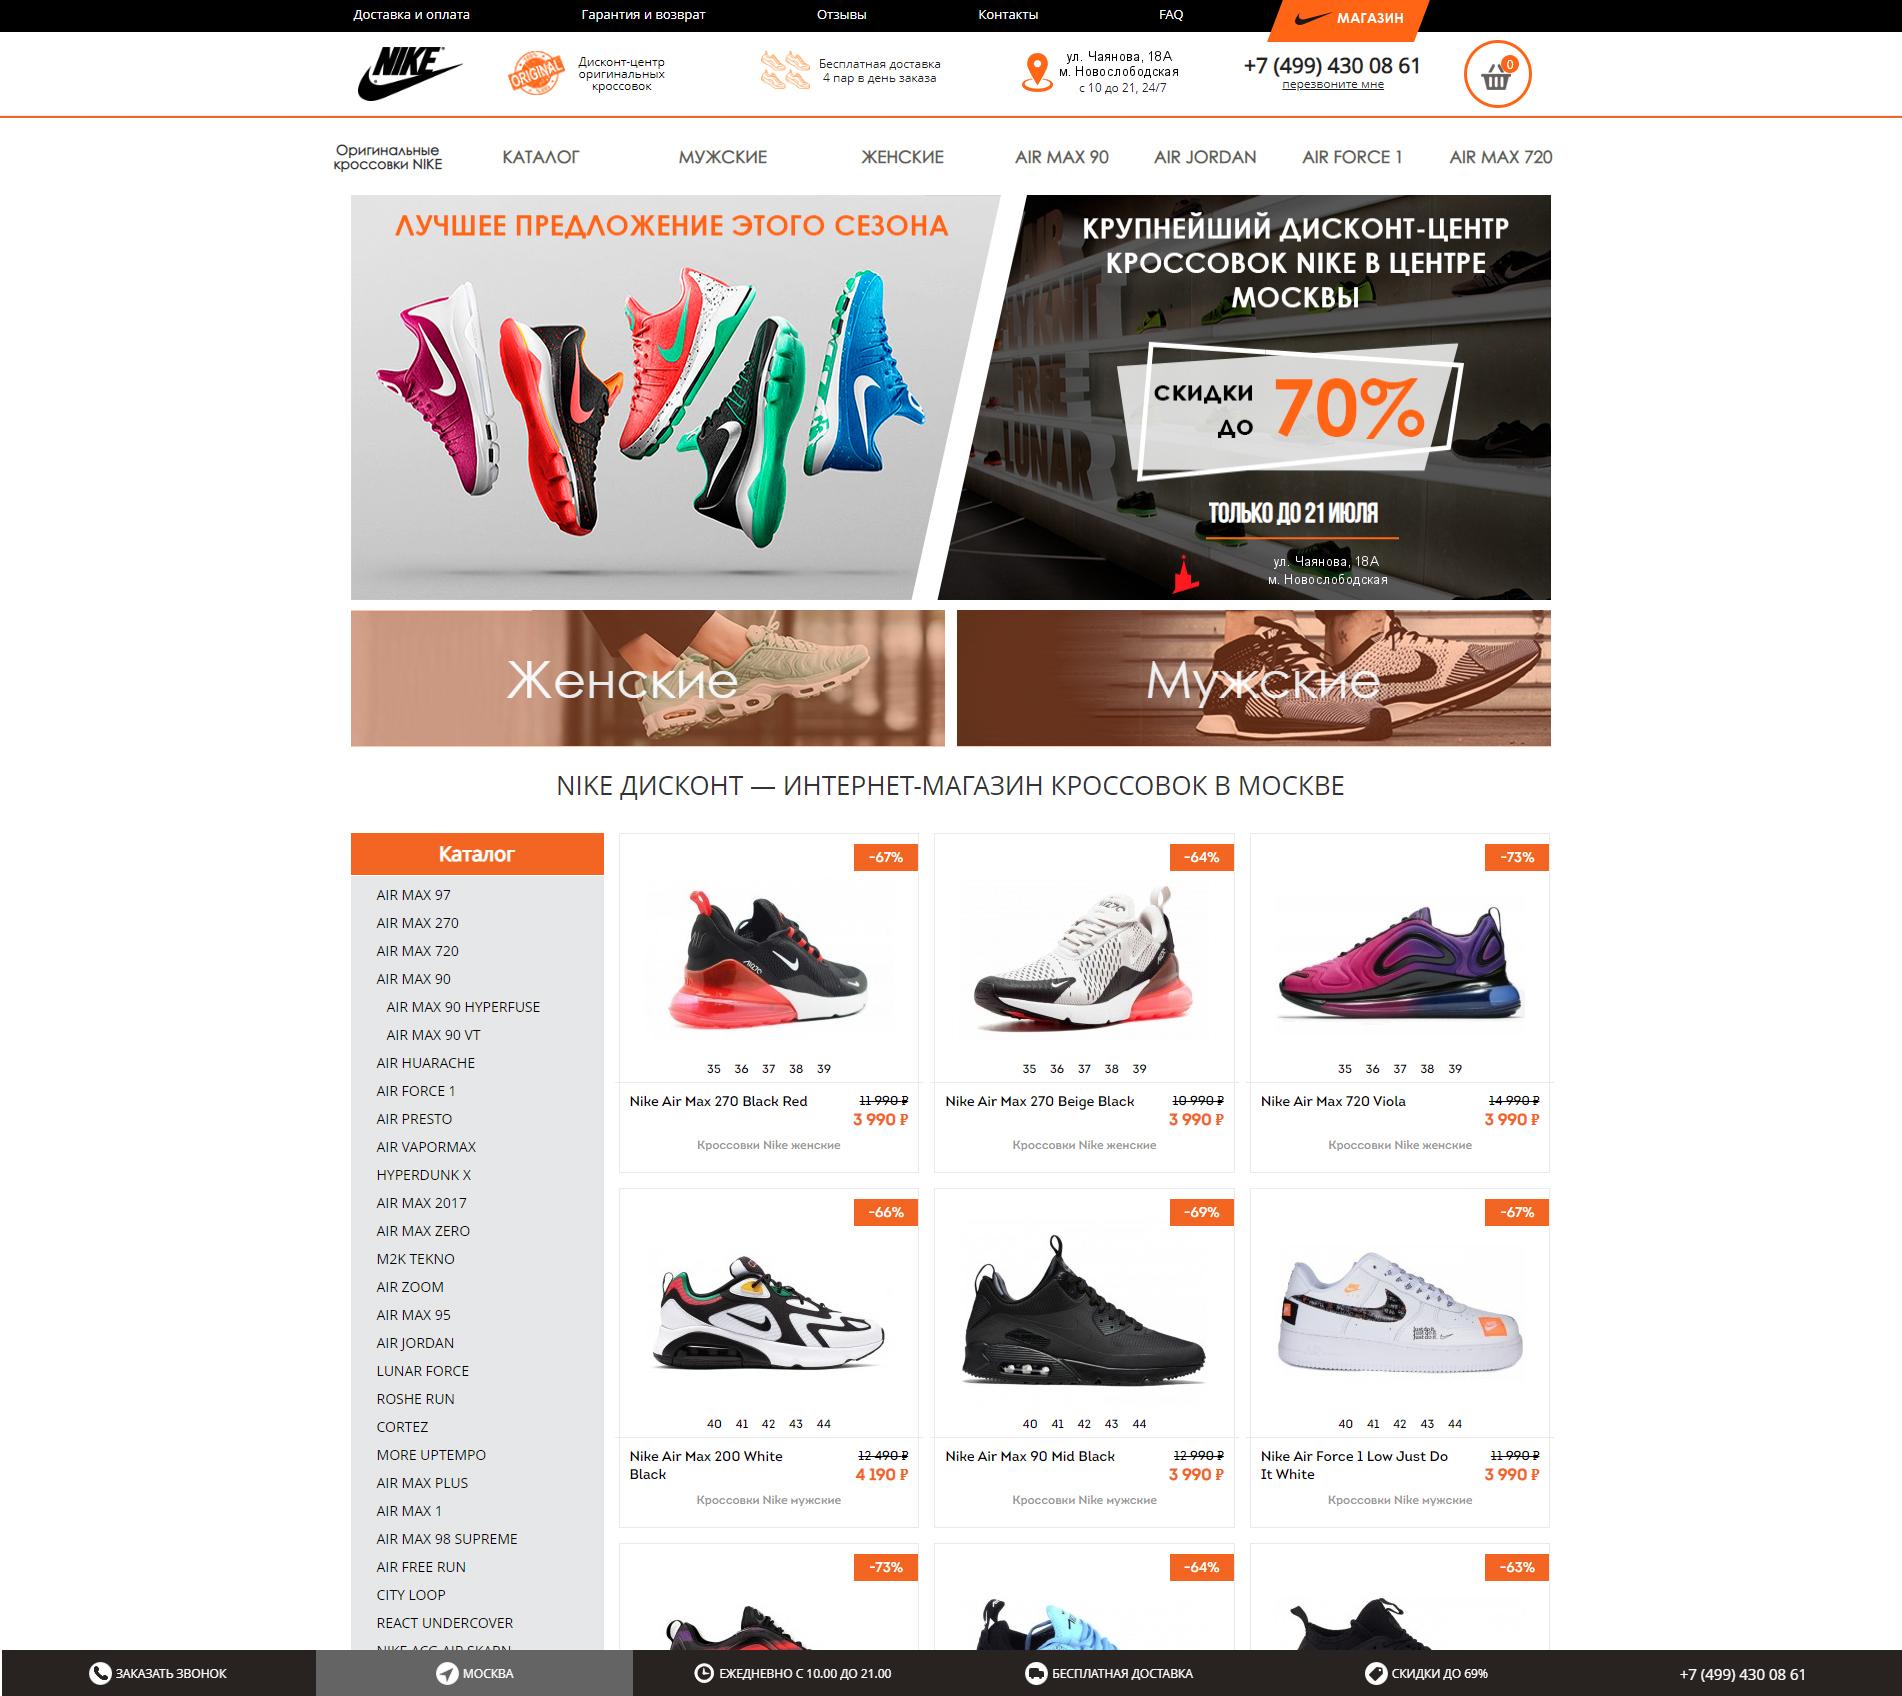 Интернет-магазин обуви Nike - nike-market.ru